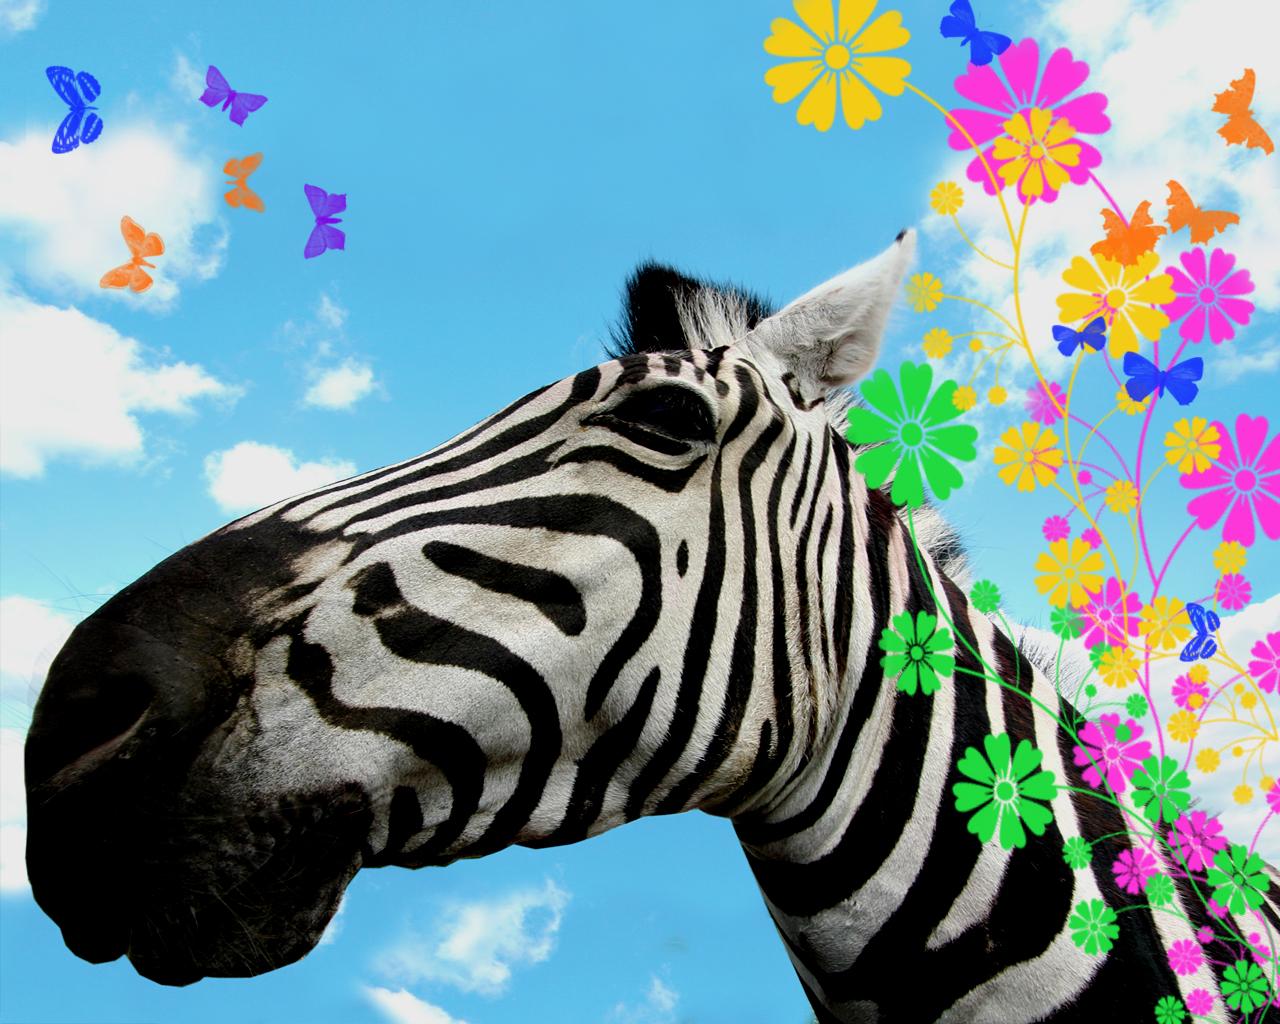 http://4.bp.blogspot.com/-E-ER1f9NTuY/Tmv2Zvz9SHI/AAAAAAAAGTw/SbUNkgnzISw/s1600/Zebra%2Bpicture%2Bfor%2Bdesktop1.jpg